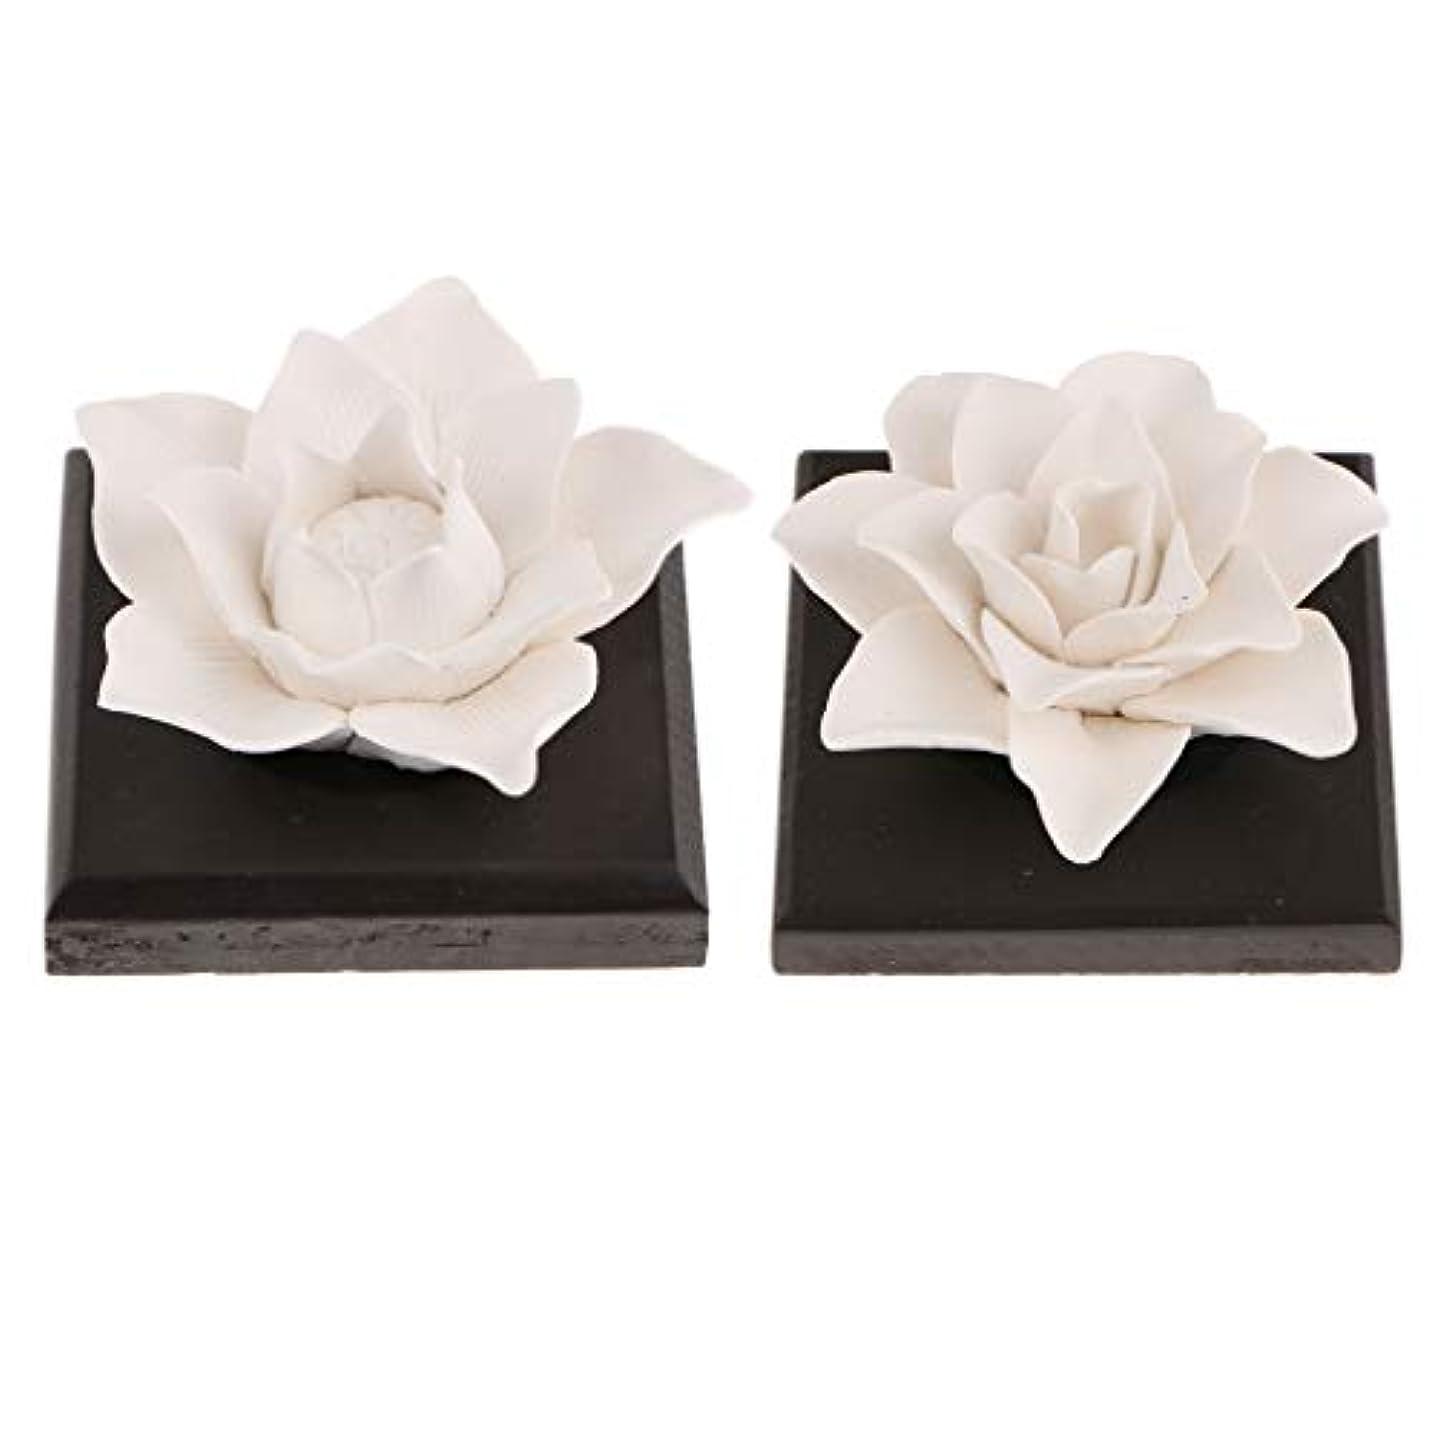 煙範囲半円B Baosity 2個 セラミック 花 エッセンシャルオイル 香水 香り ディフューザー 空気清浄